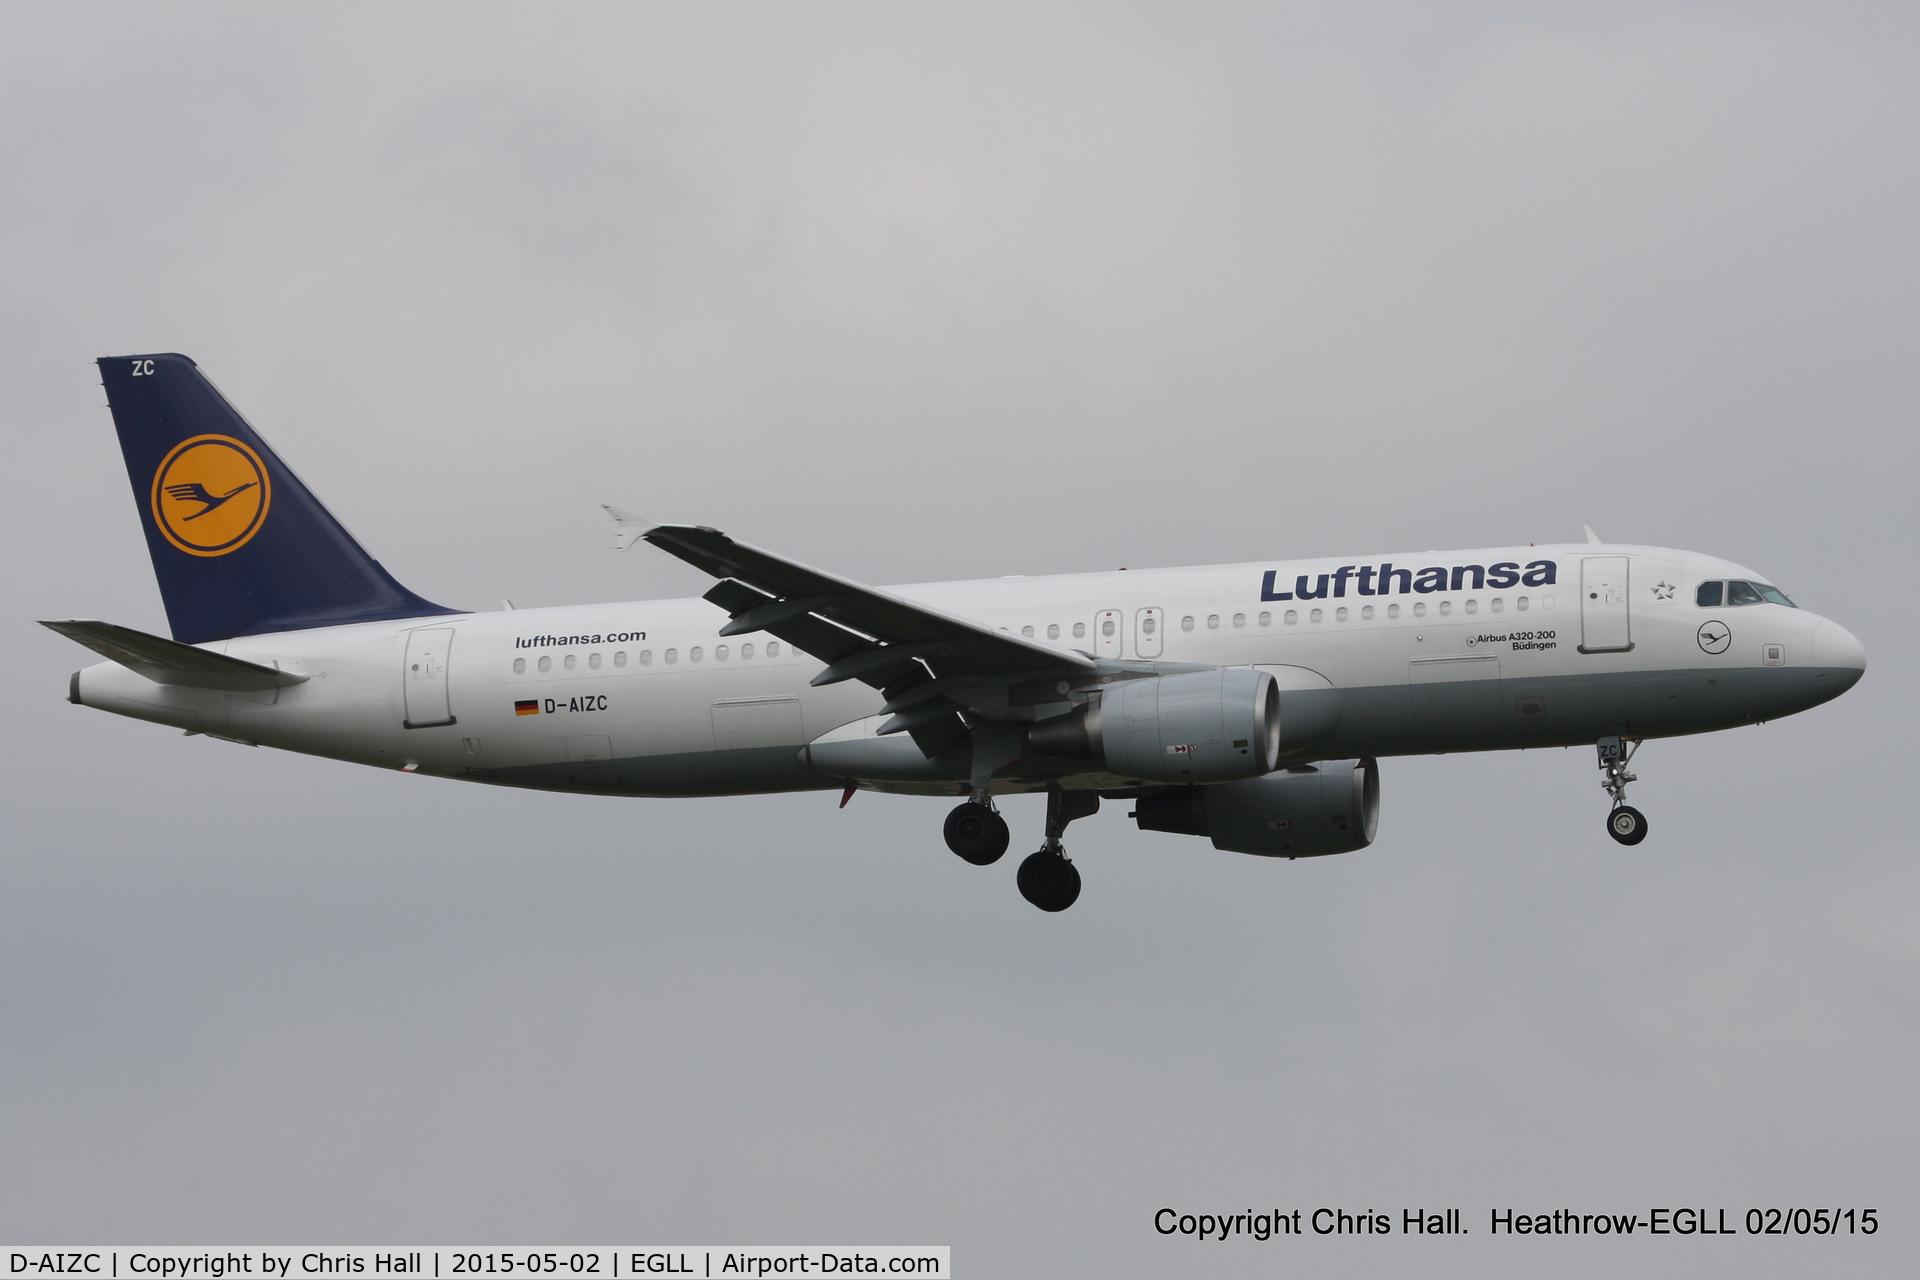 D-AIZC, 2009 Airbus A320-214 C/N 4153, Lufthansa